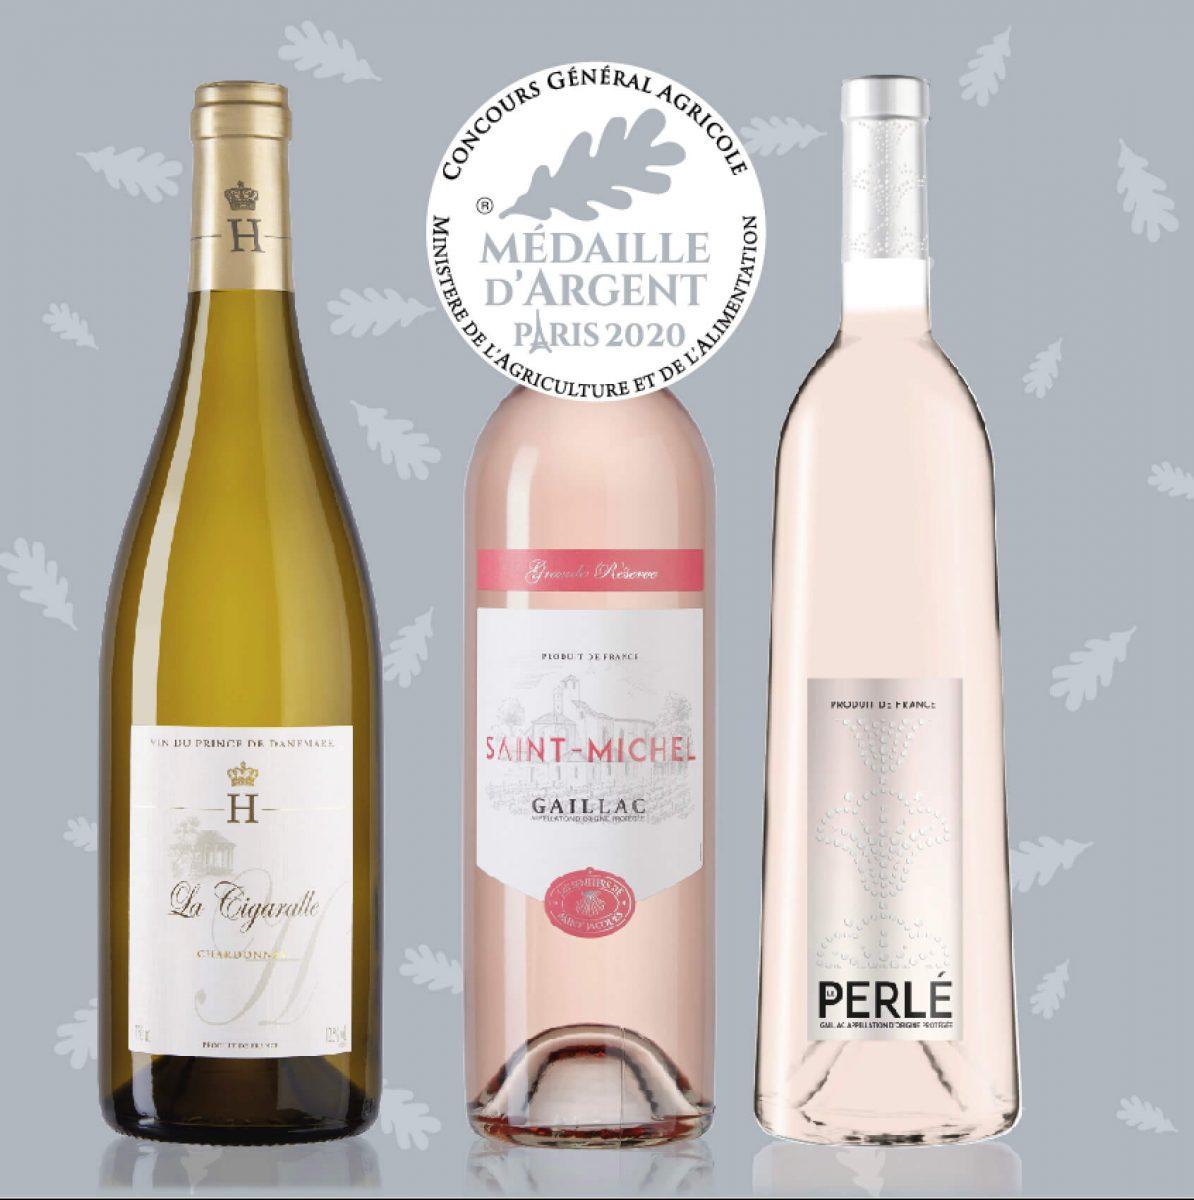 vins rosés médailles d'argent au concours général agricole 2020